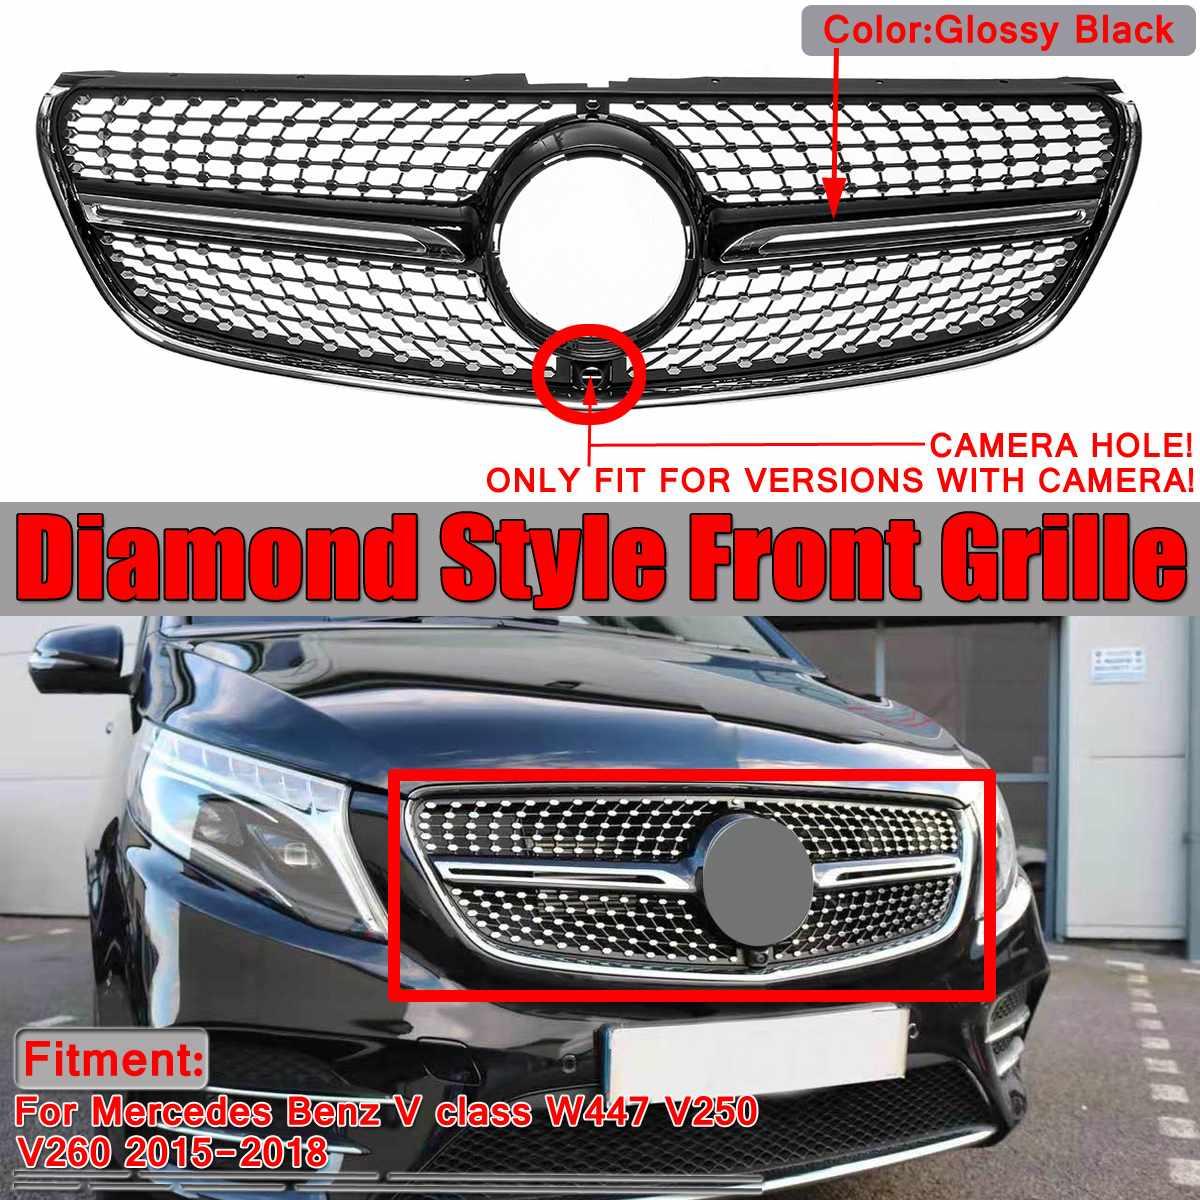 เพชรตาข่ายย่าง W447 รถด้านหน้า Grille ย่างสำหรับ Mercedes Benz V Class W447 V250 V260 2015 -2018 สีดำ/Chrome